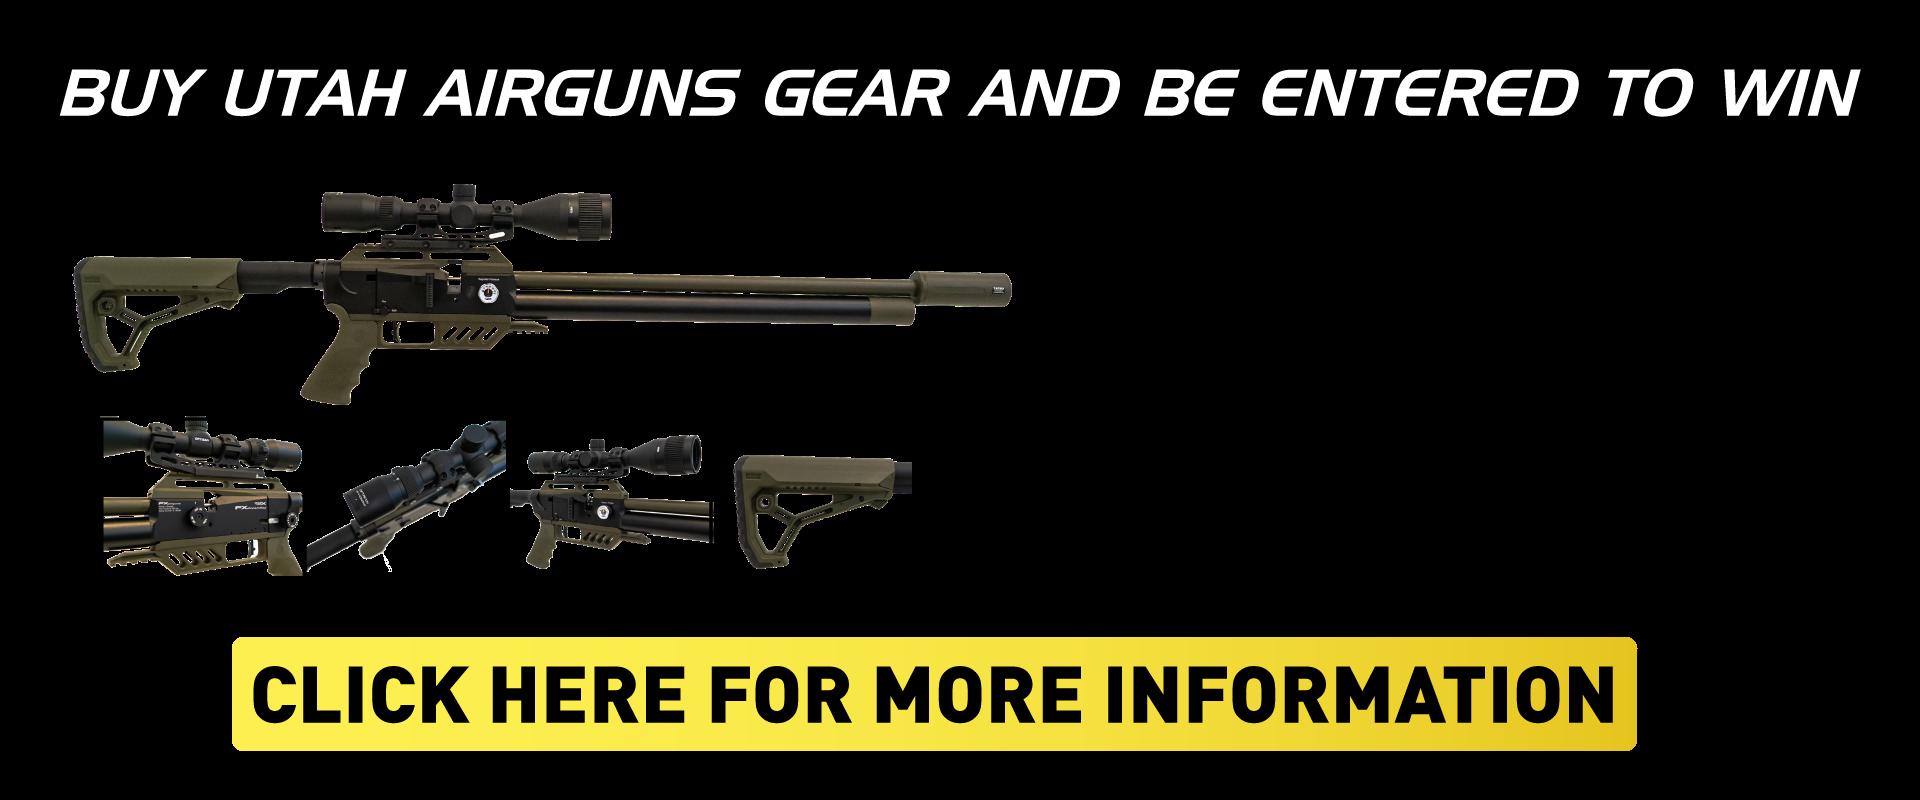 Accessories - Utah Airgun Apparel & Gear - Utah Airguns